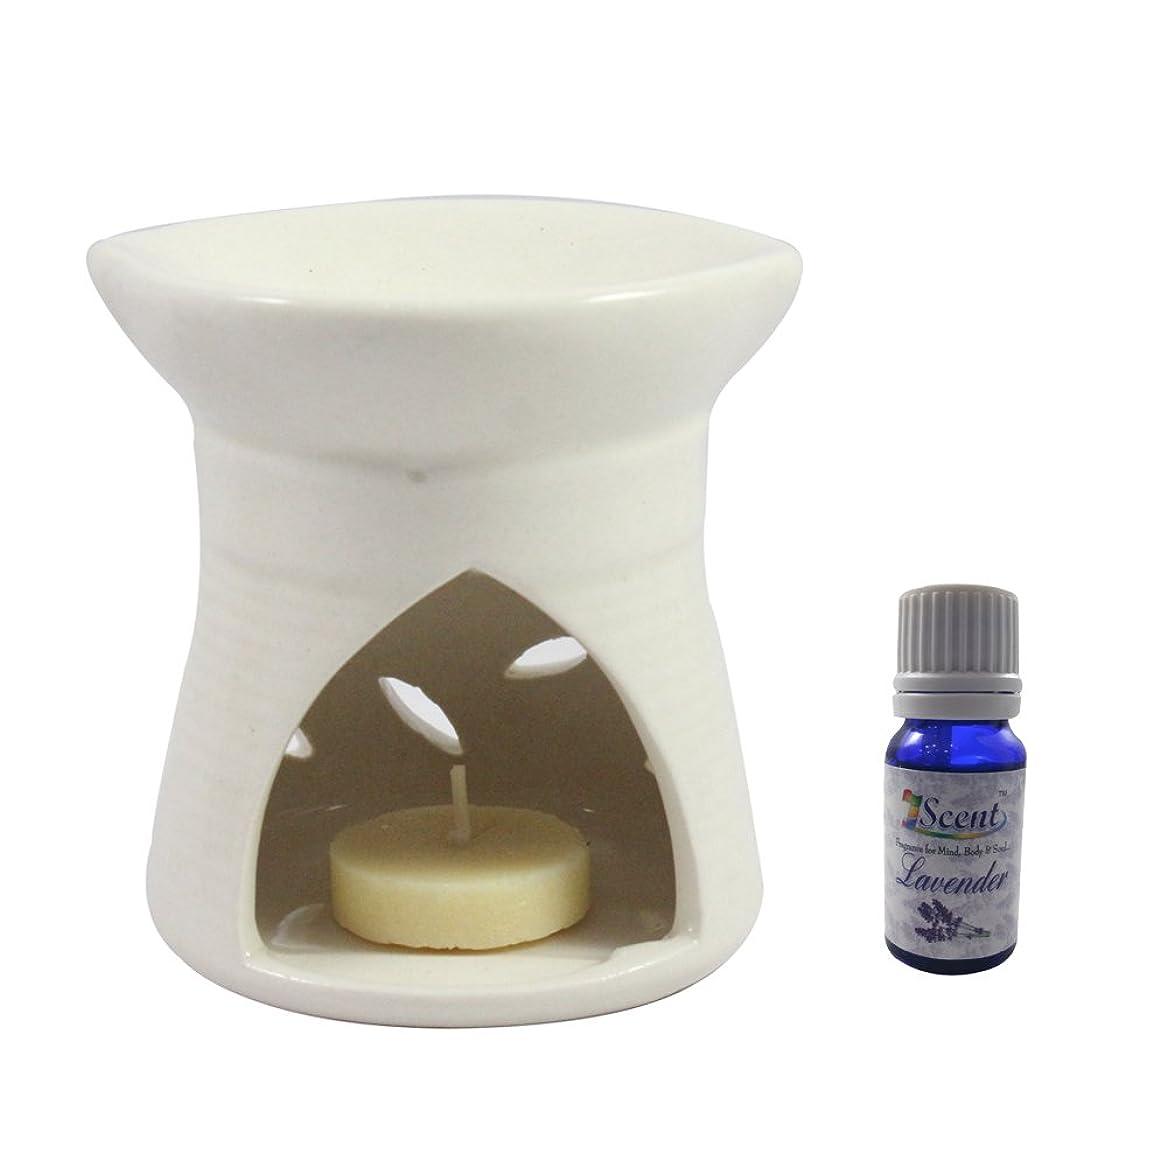 試験何故なの選ぶホームデコレーション定期的に使用する汚染のない手作りセラミックエスニックティーライトキャンドルアロマディフューザーオイルバーナーサンダルウッドフレグランスオイル|ホワイトティーライトキャンドルアロマテラピー香油暖かい数量1